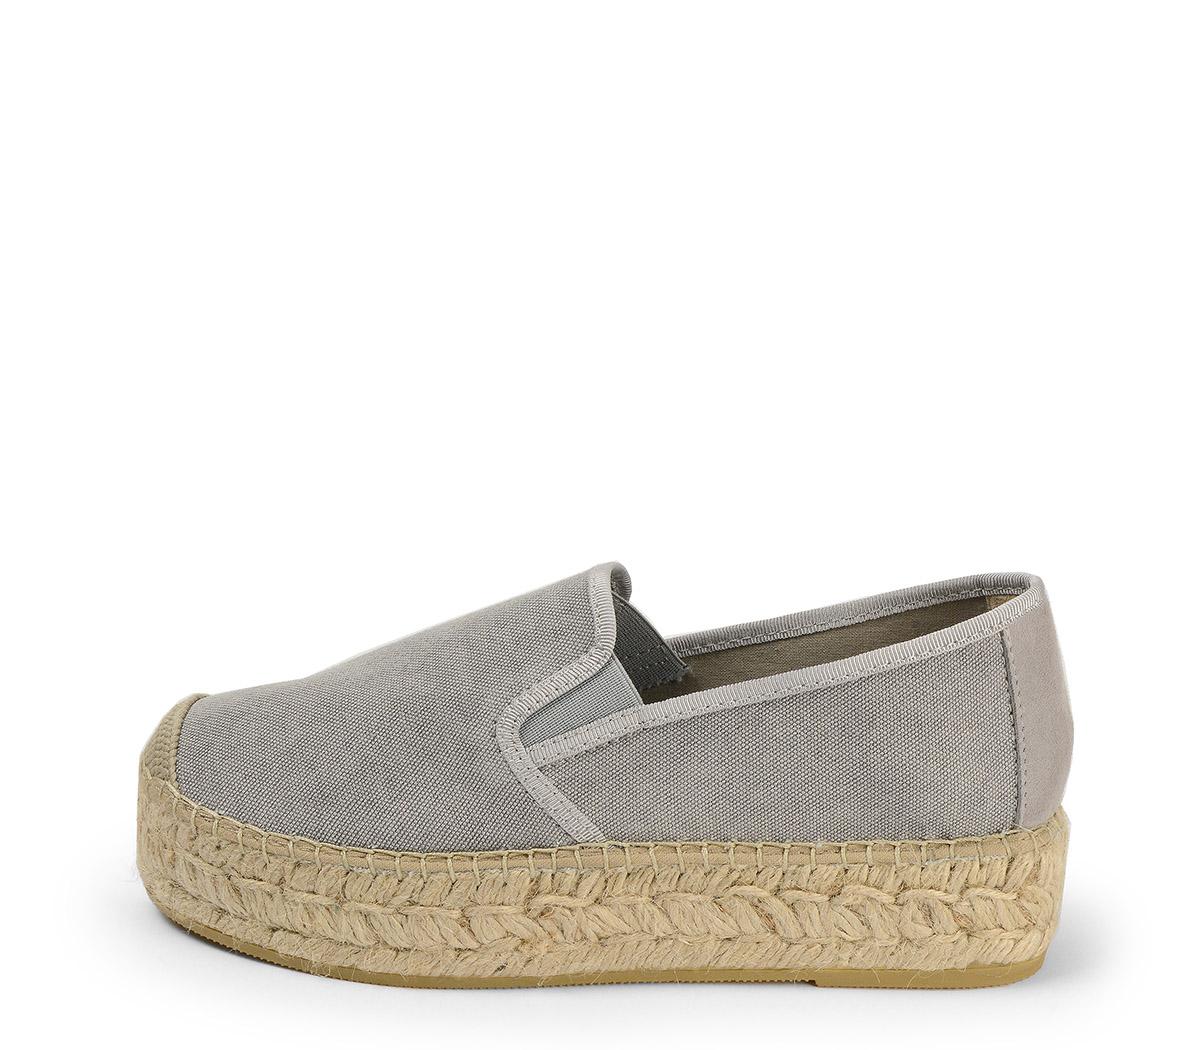 Ref. 3821 Zapato tela gris con plataforma de esparto de 4 cm.